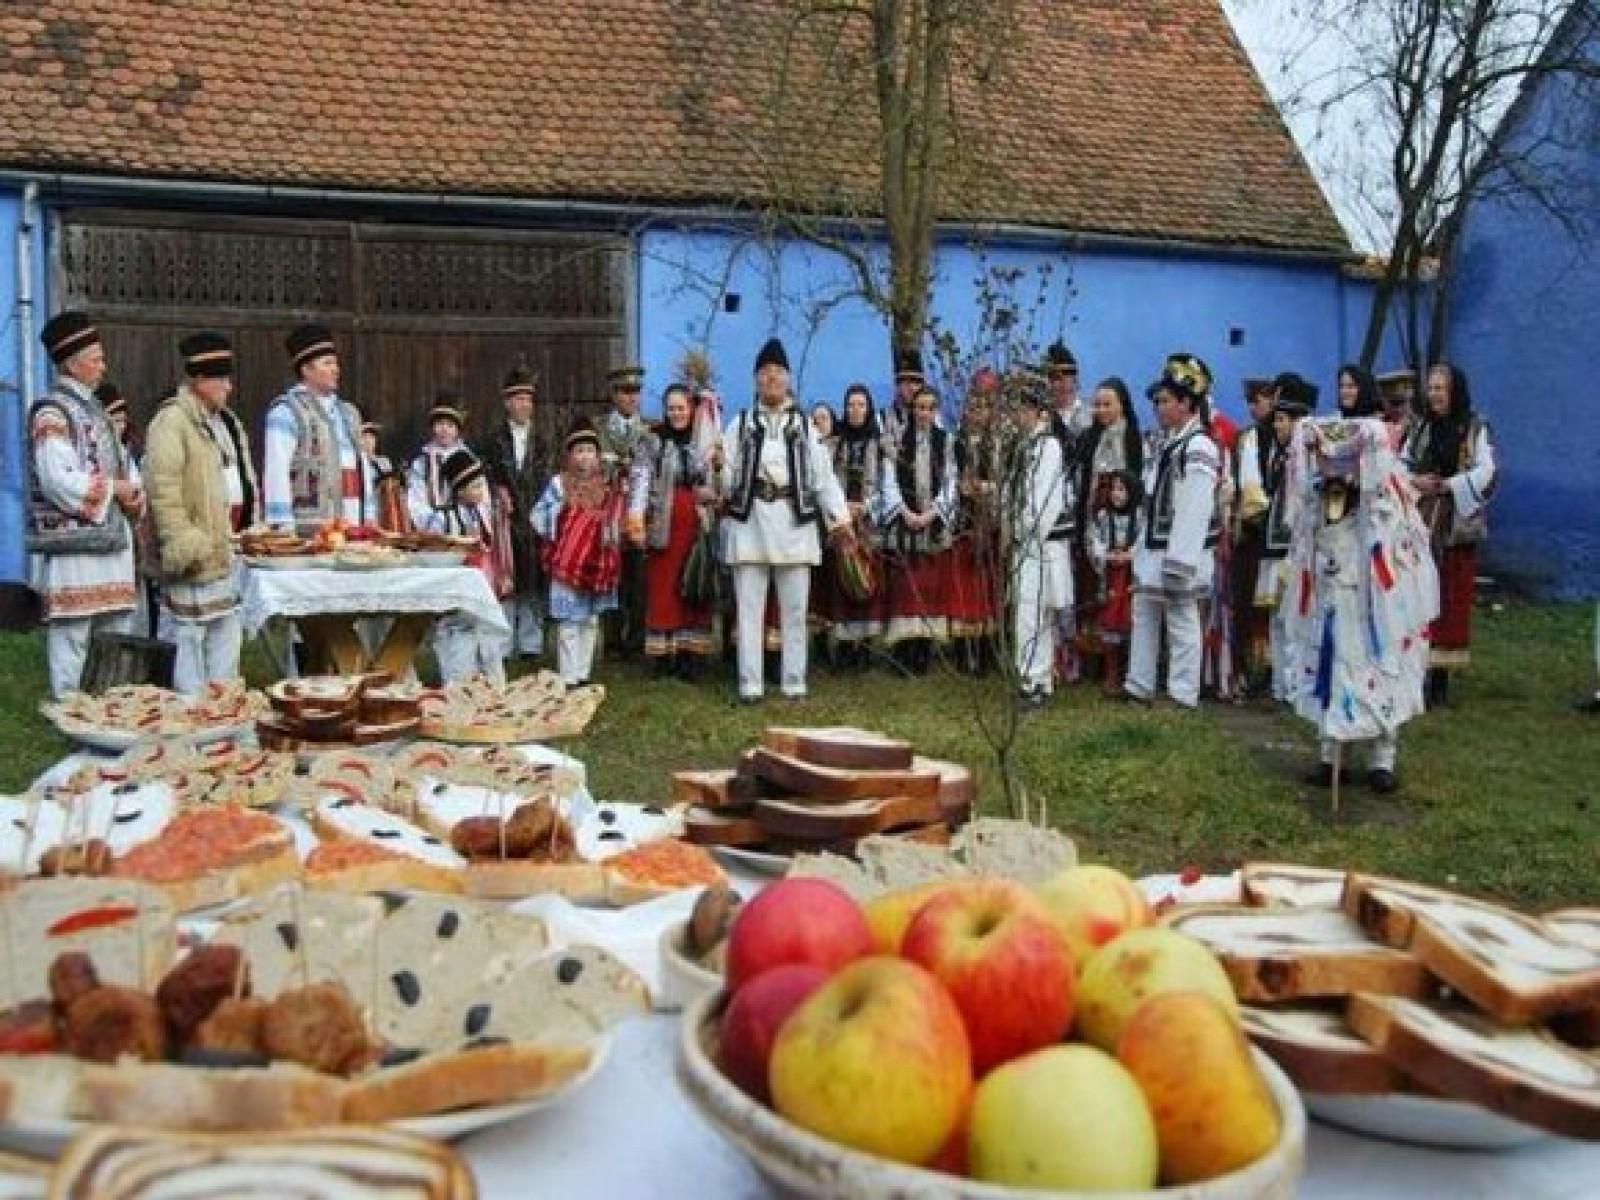 Creștinii marchează astăzi ajunul Crăciunului pe stil vechi. Ce tradiții și obiceiuri există